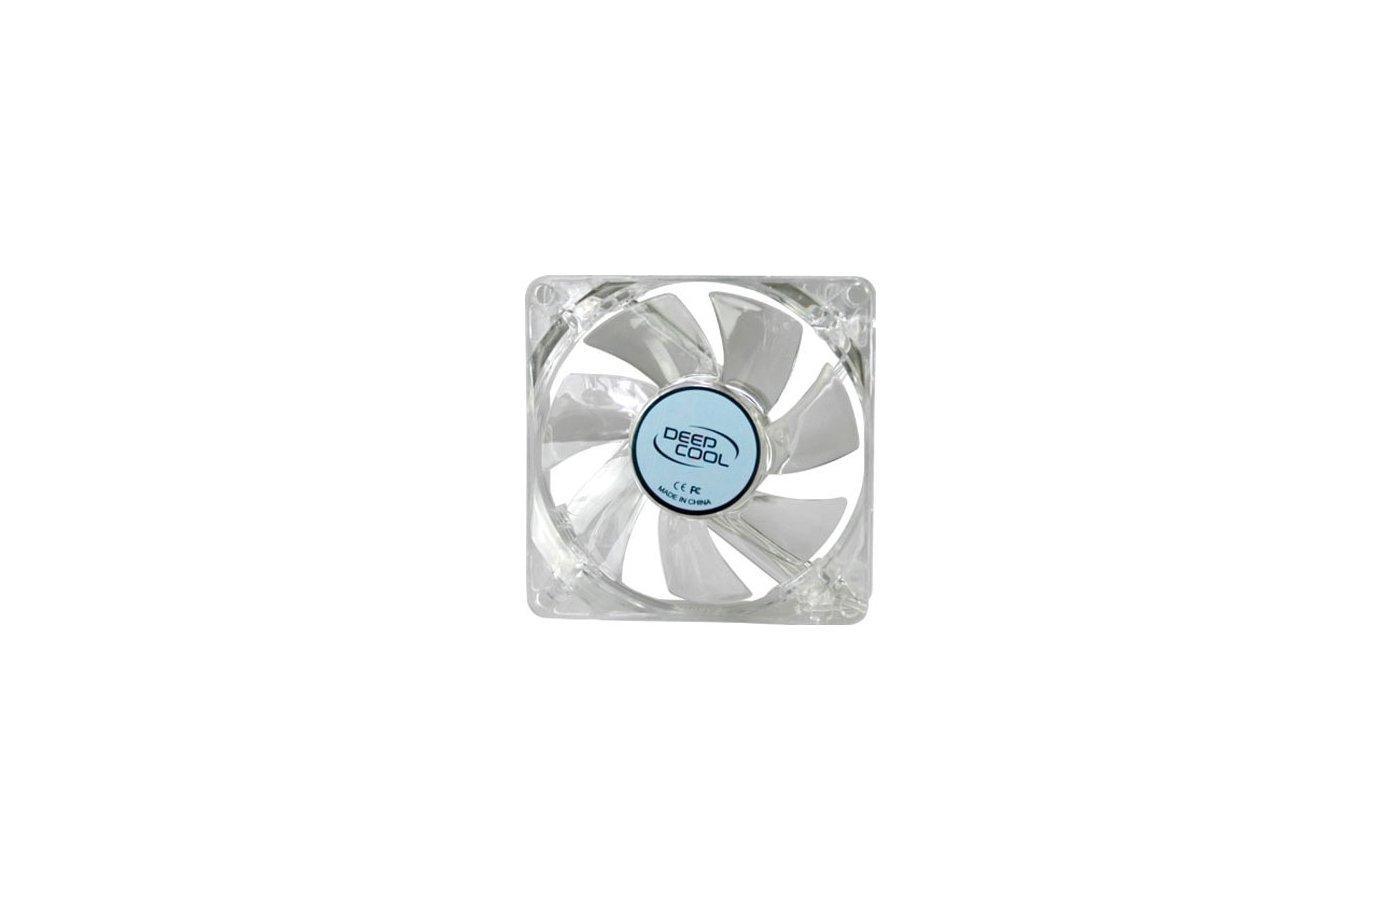 Охлаждение Deepcool XFAN 80L 80x80x25 3pin 20dB 1800rpm 60g голубой LED для корпуса